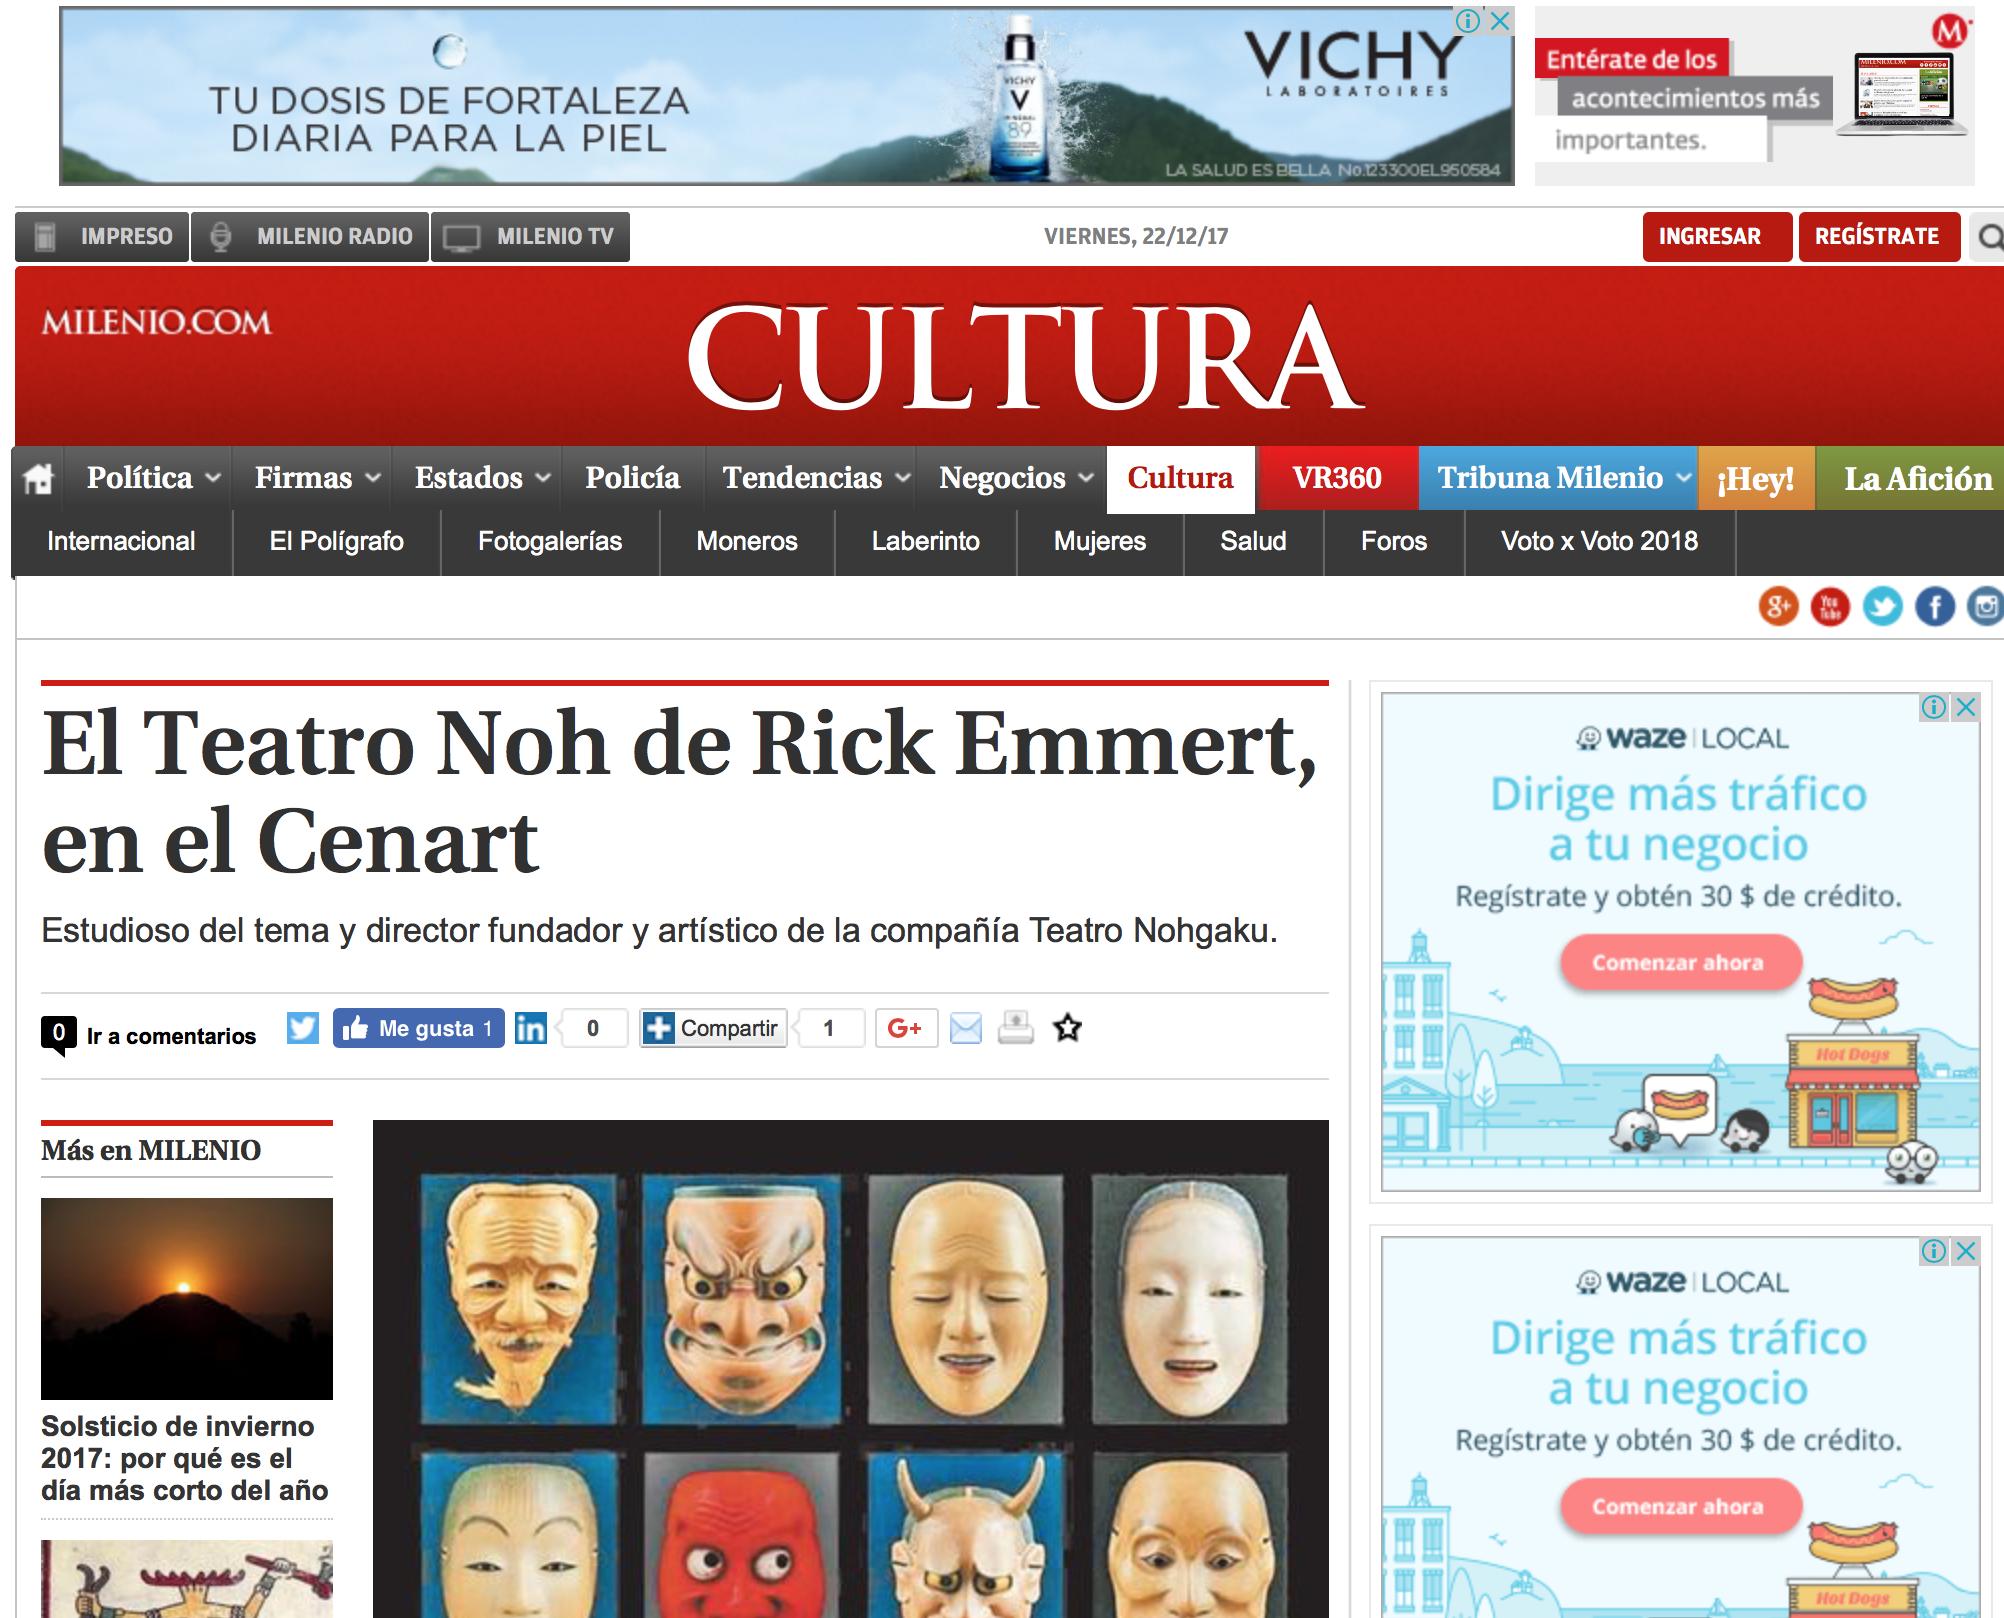 Prensa / Milenio -